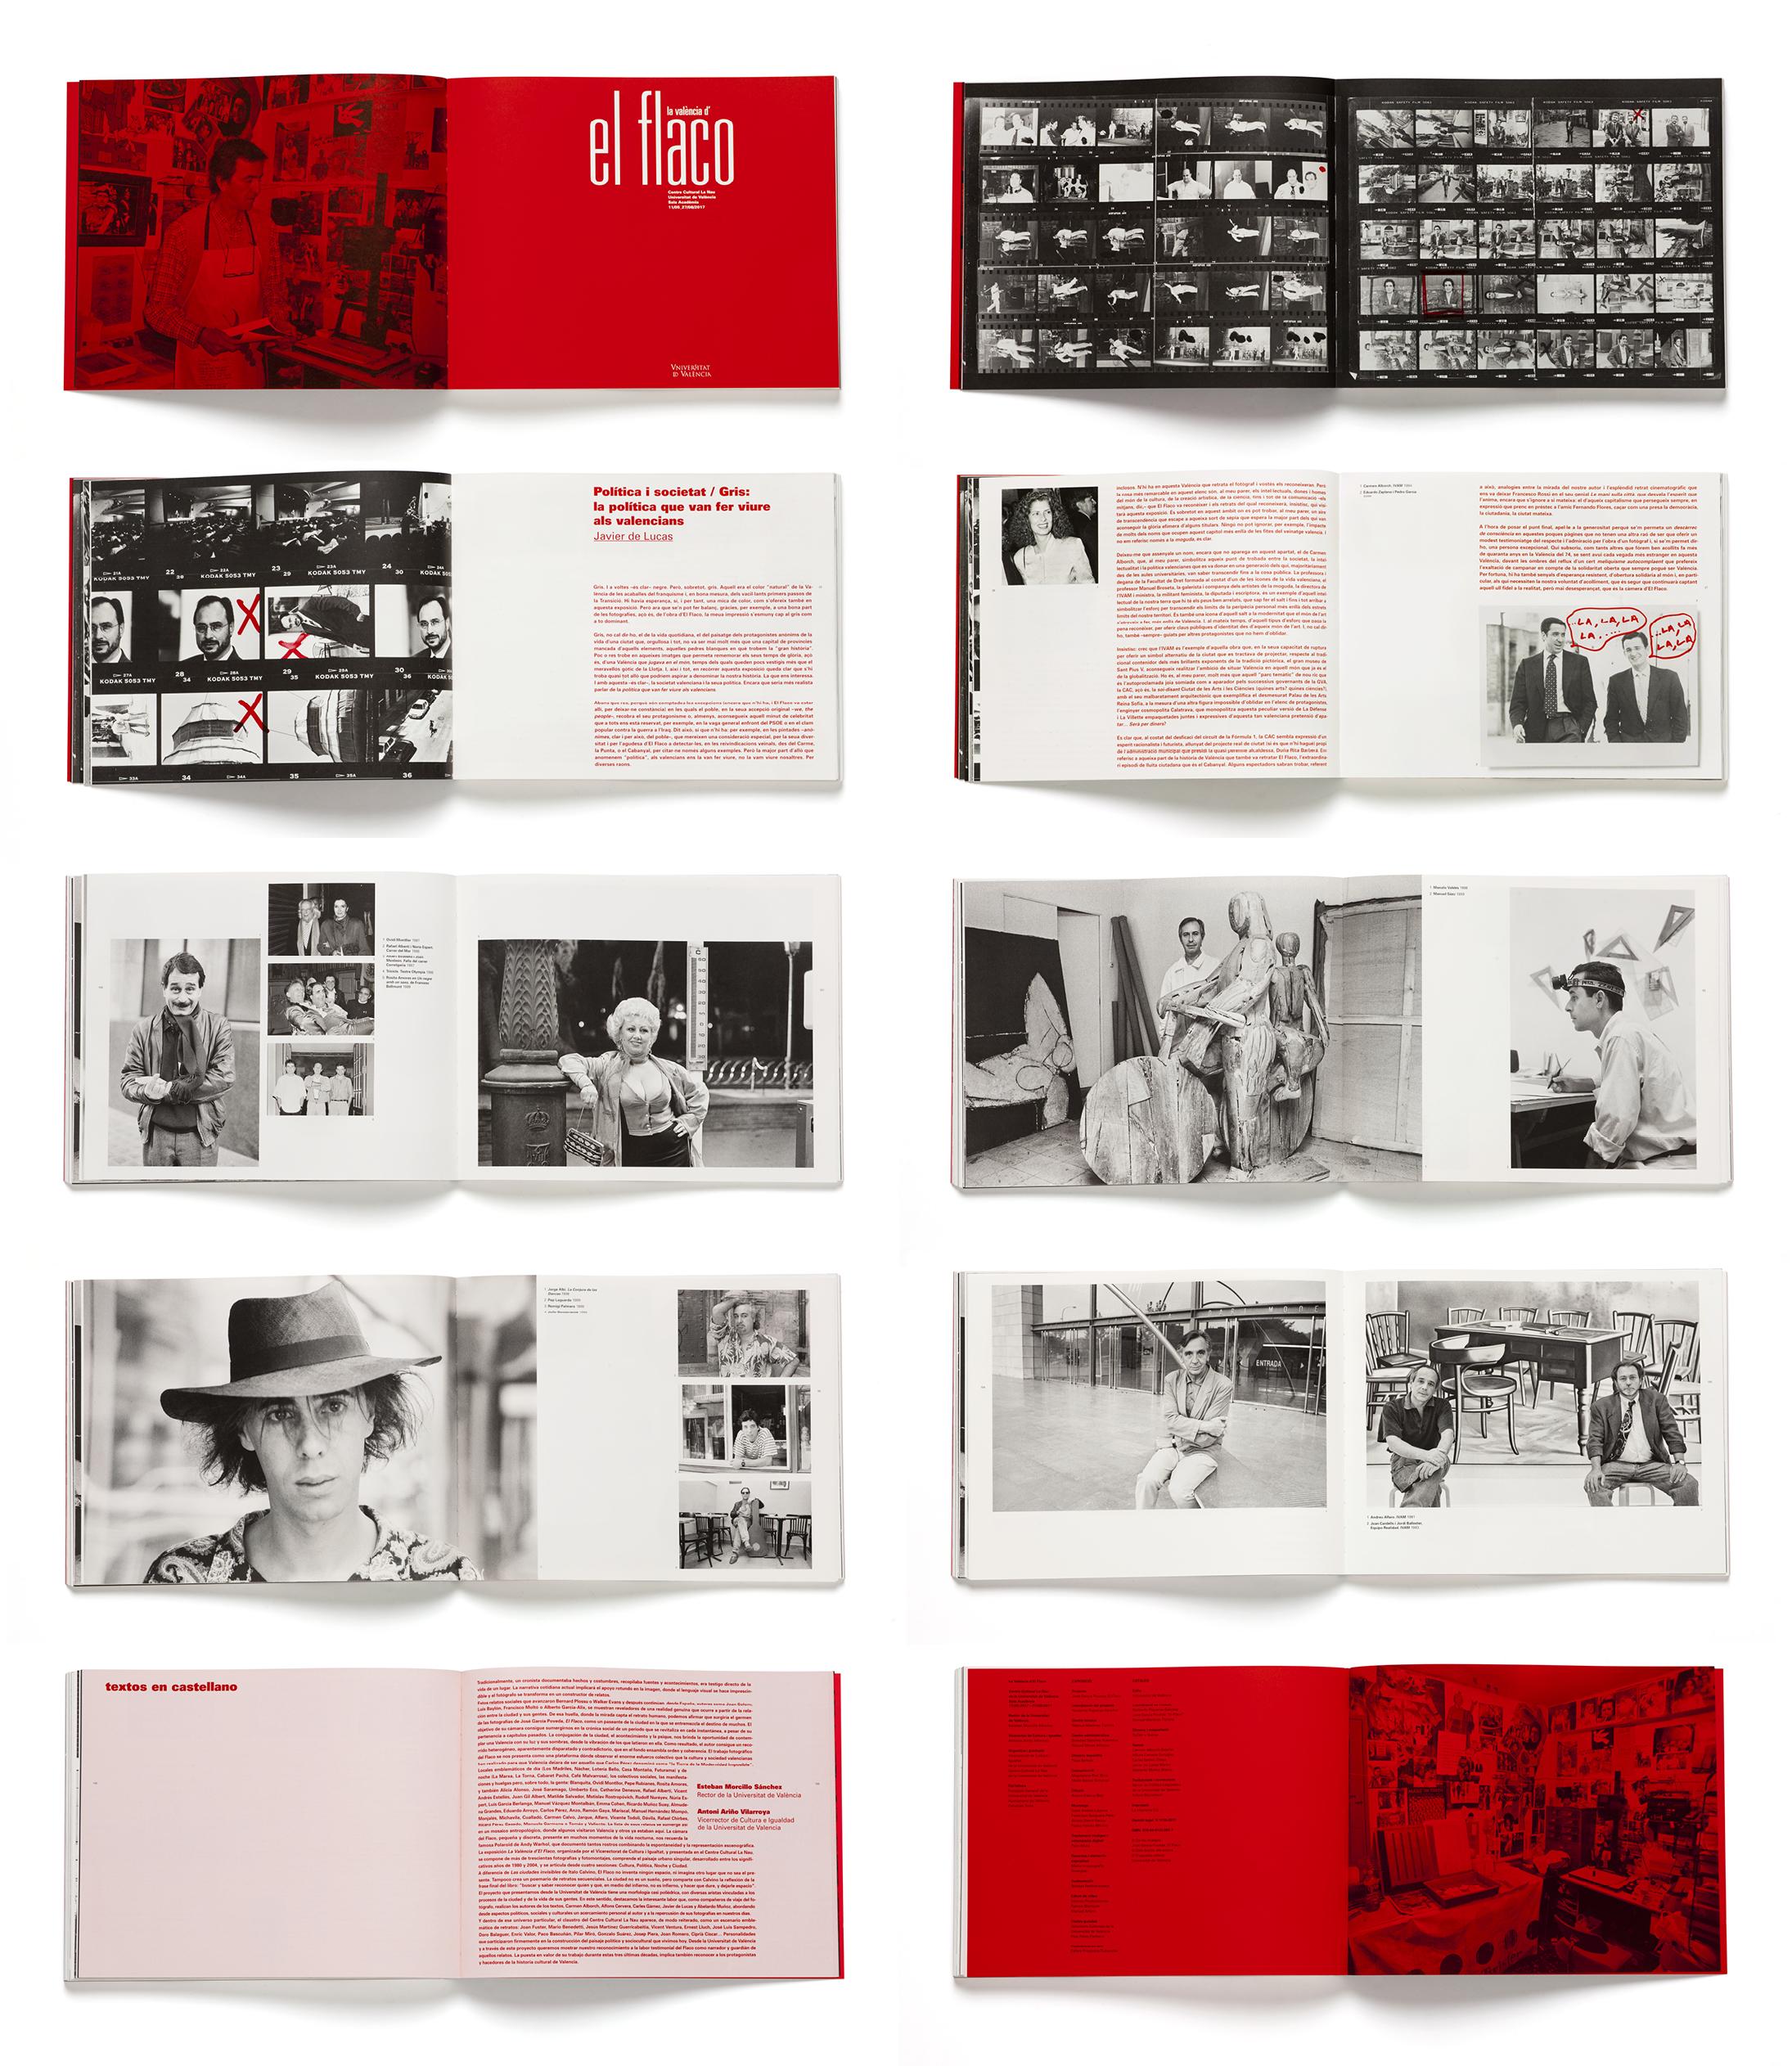 El Flaco by Gallén+Ibáñez - Creative Work - $i